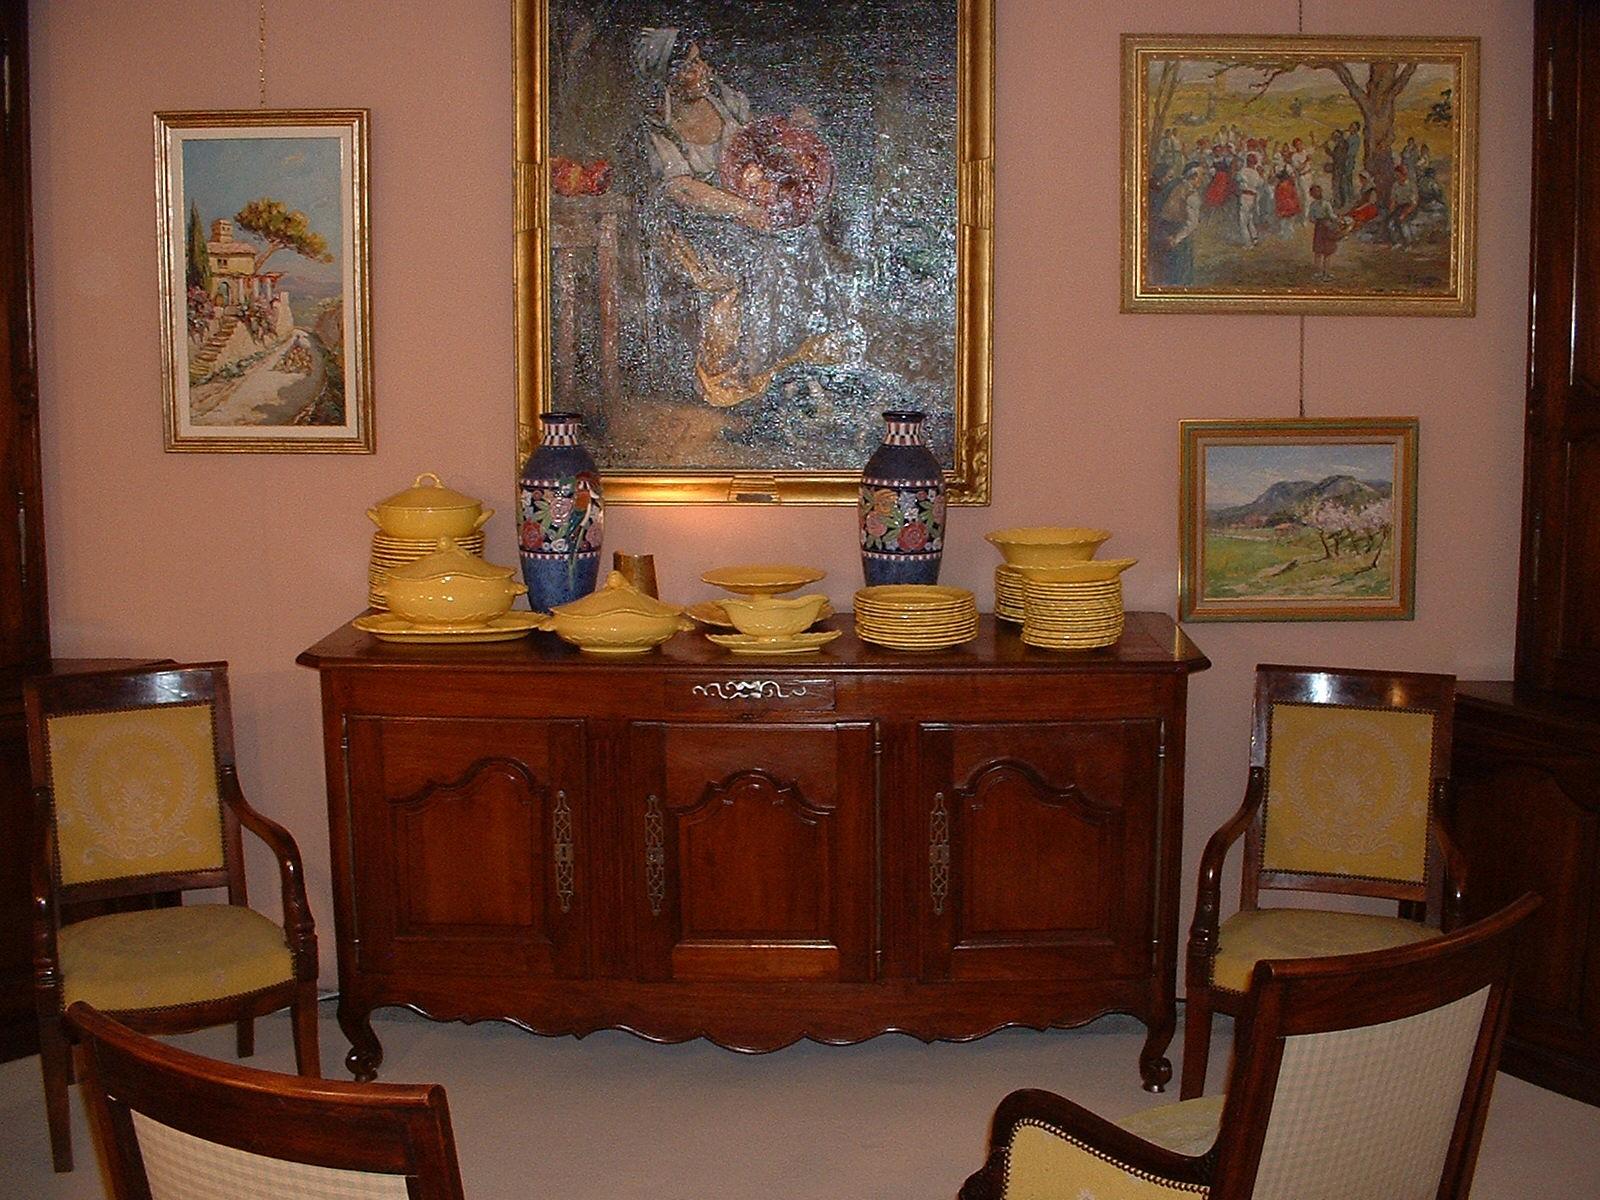 paire de fauteuils aux dauphins 53 839. Black Bedroom Furniture Sets. Home Design Ideas